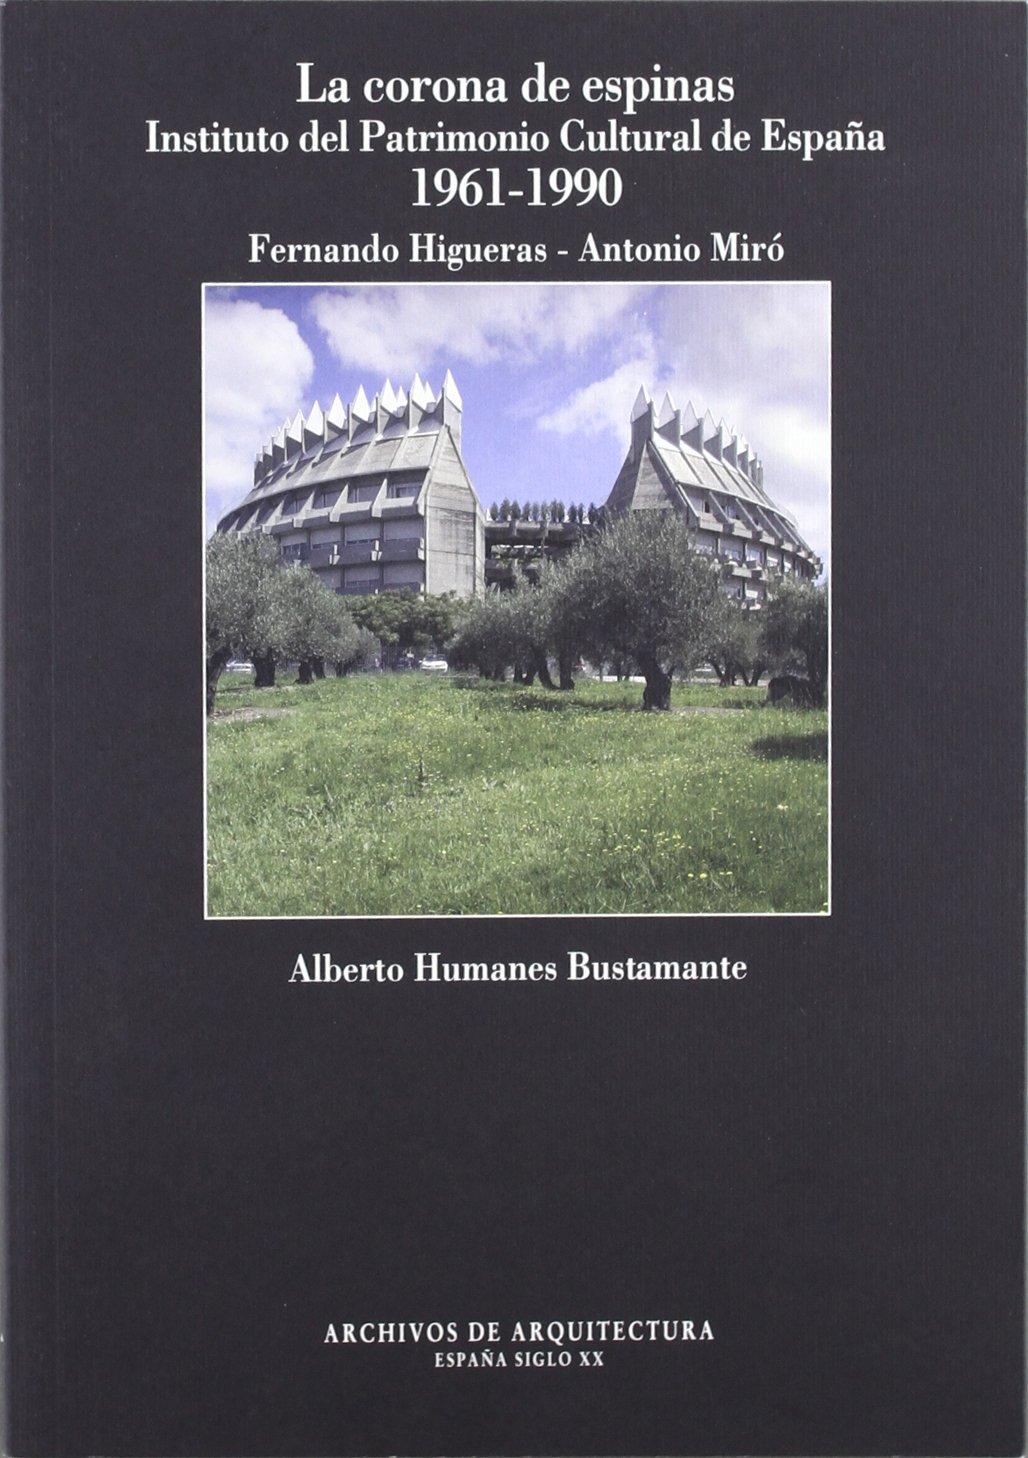 La corona de espinas Instituto del Patrimonio Cultural de España 1961 - 1990 Archivos de Arquitectura España S.XX: Amazon.es: Humanes Bustamante, Alberto: Libros